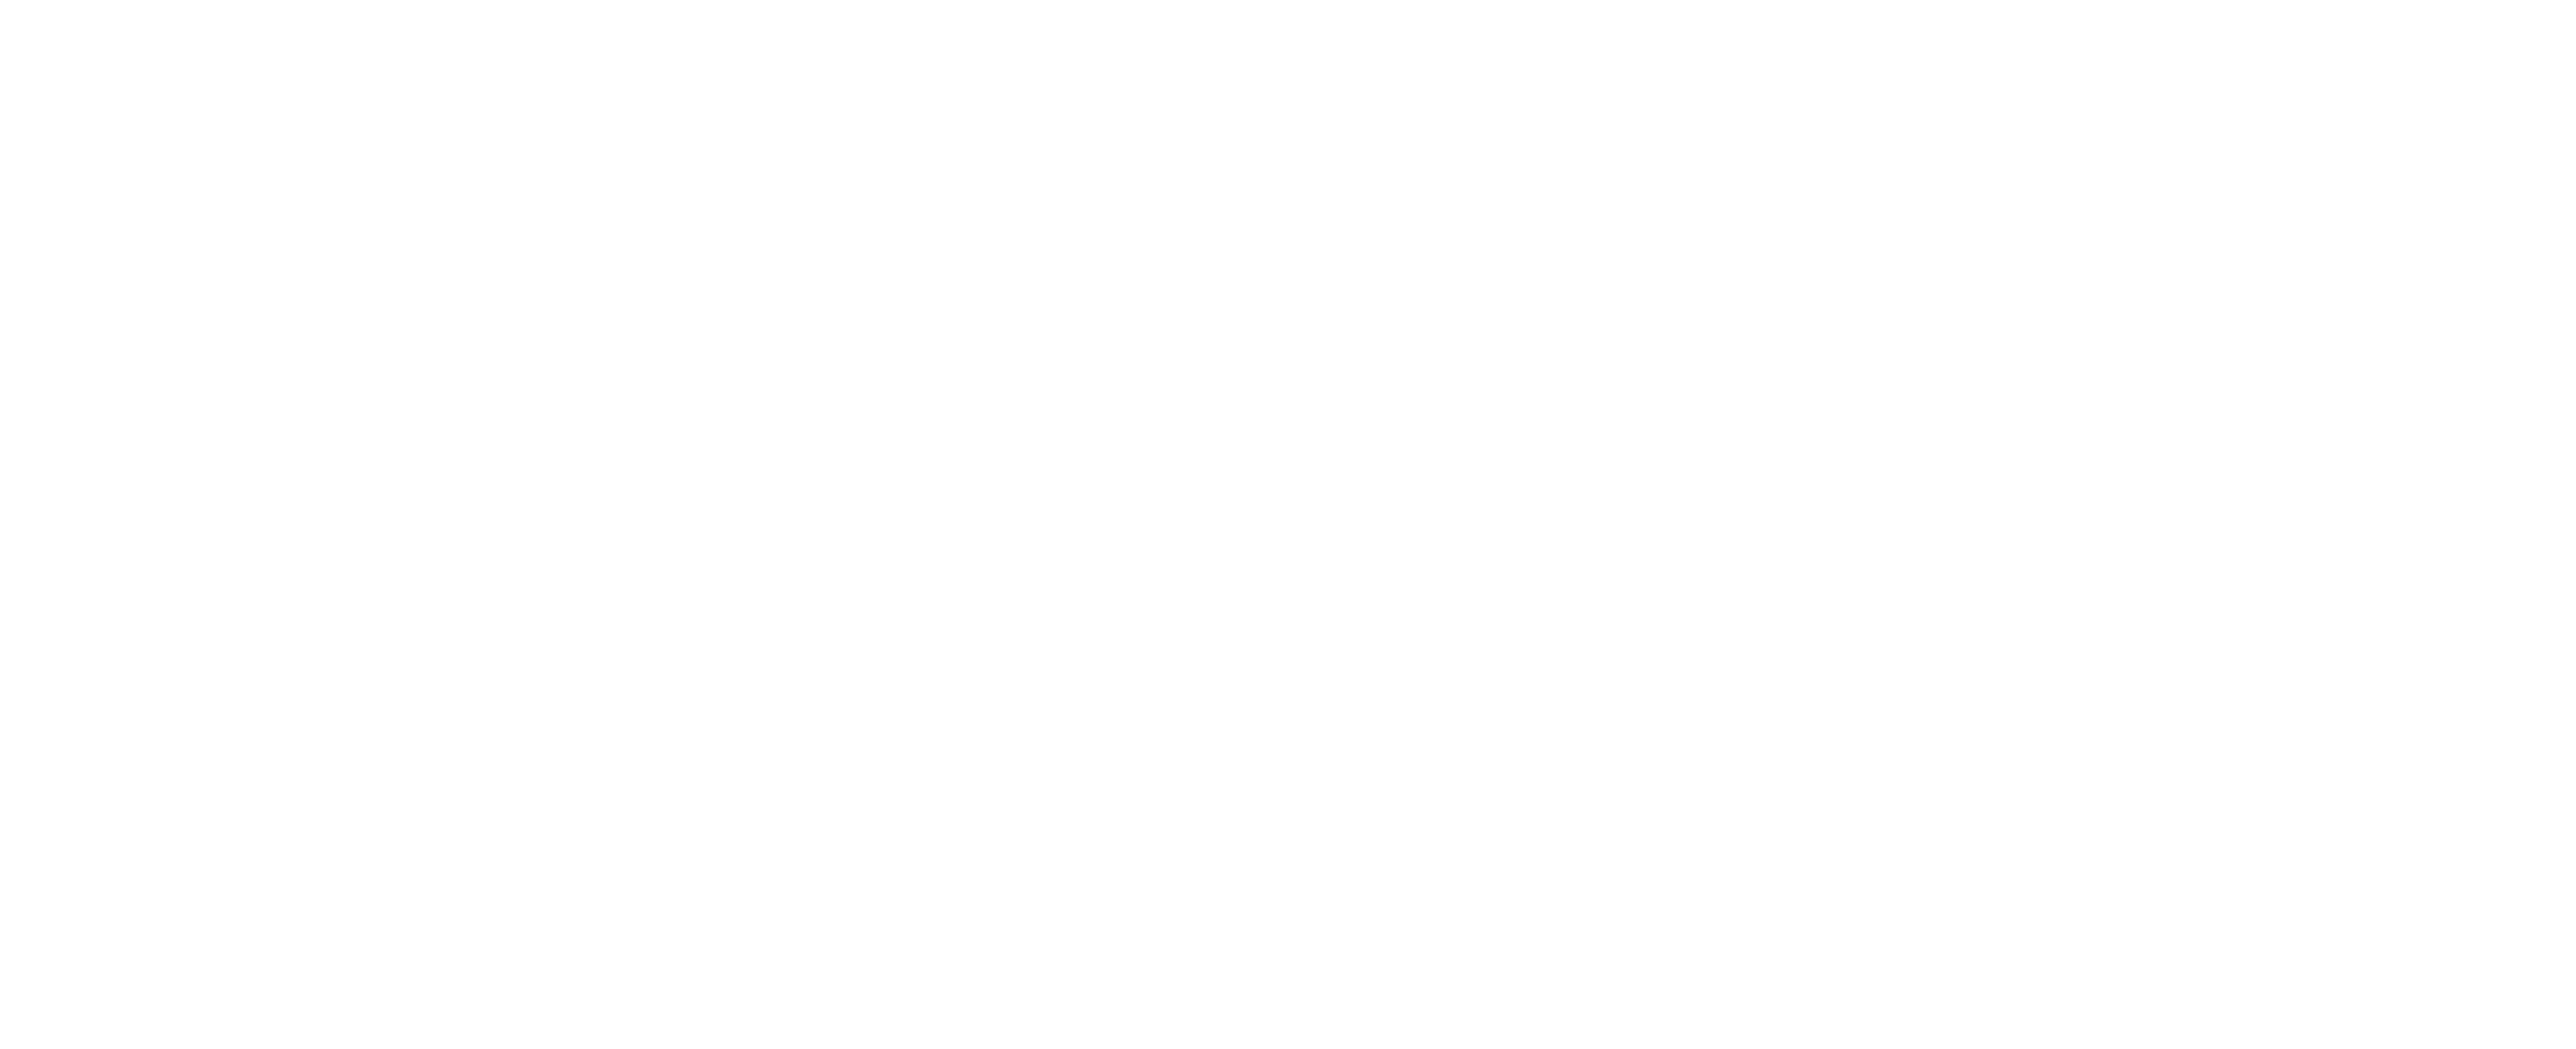 iStarto百客聚,提供包括网站建设,搜索营销,社媒广告,营销自动化,搜索引擎优化等互联网广告技术服务。